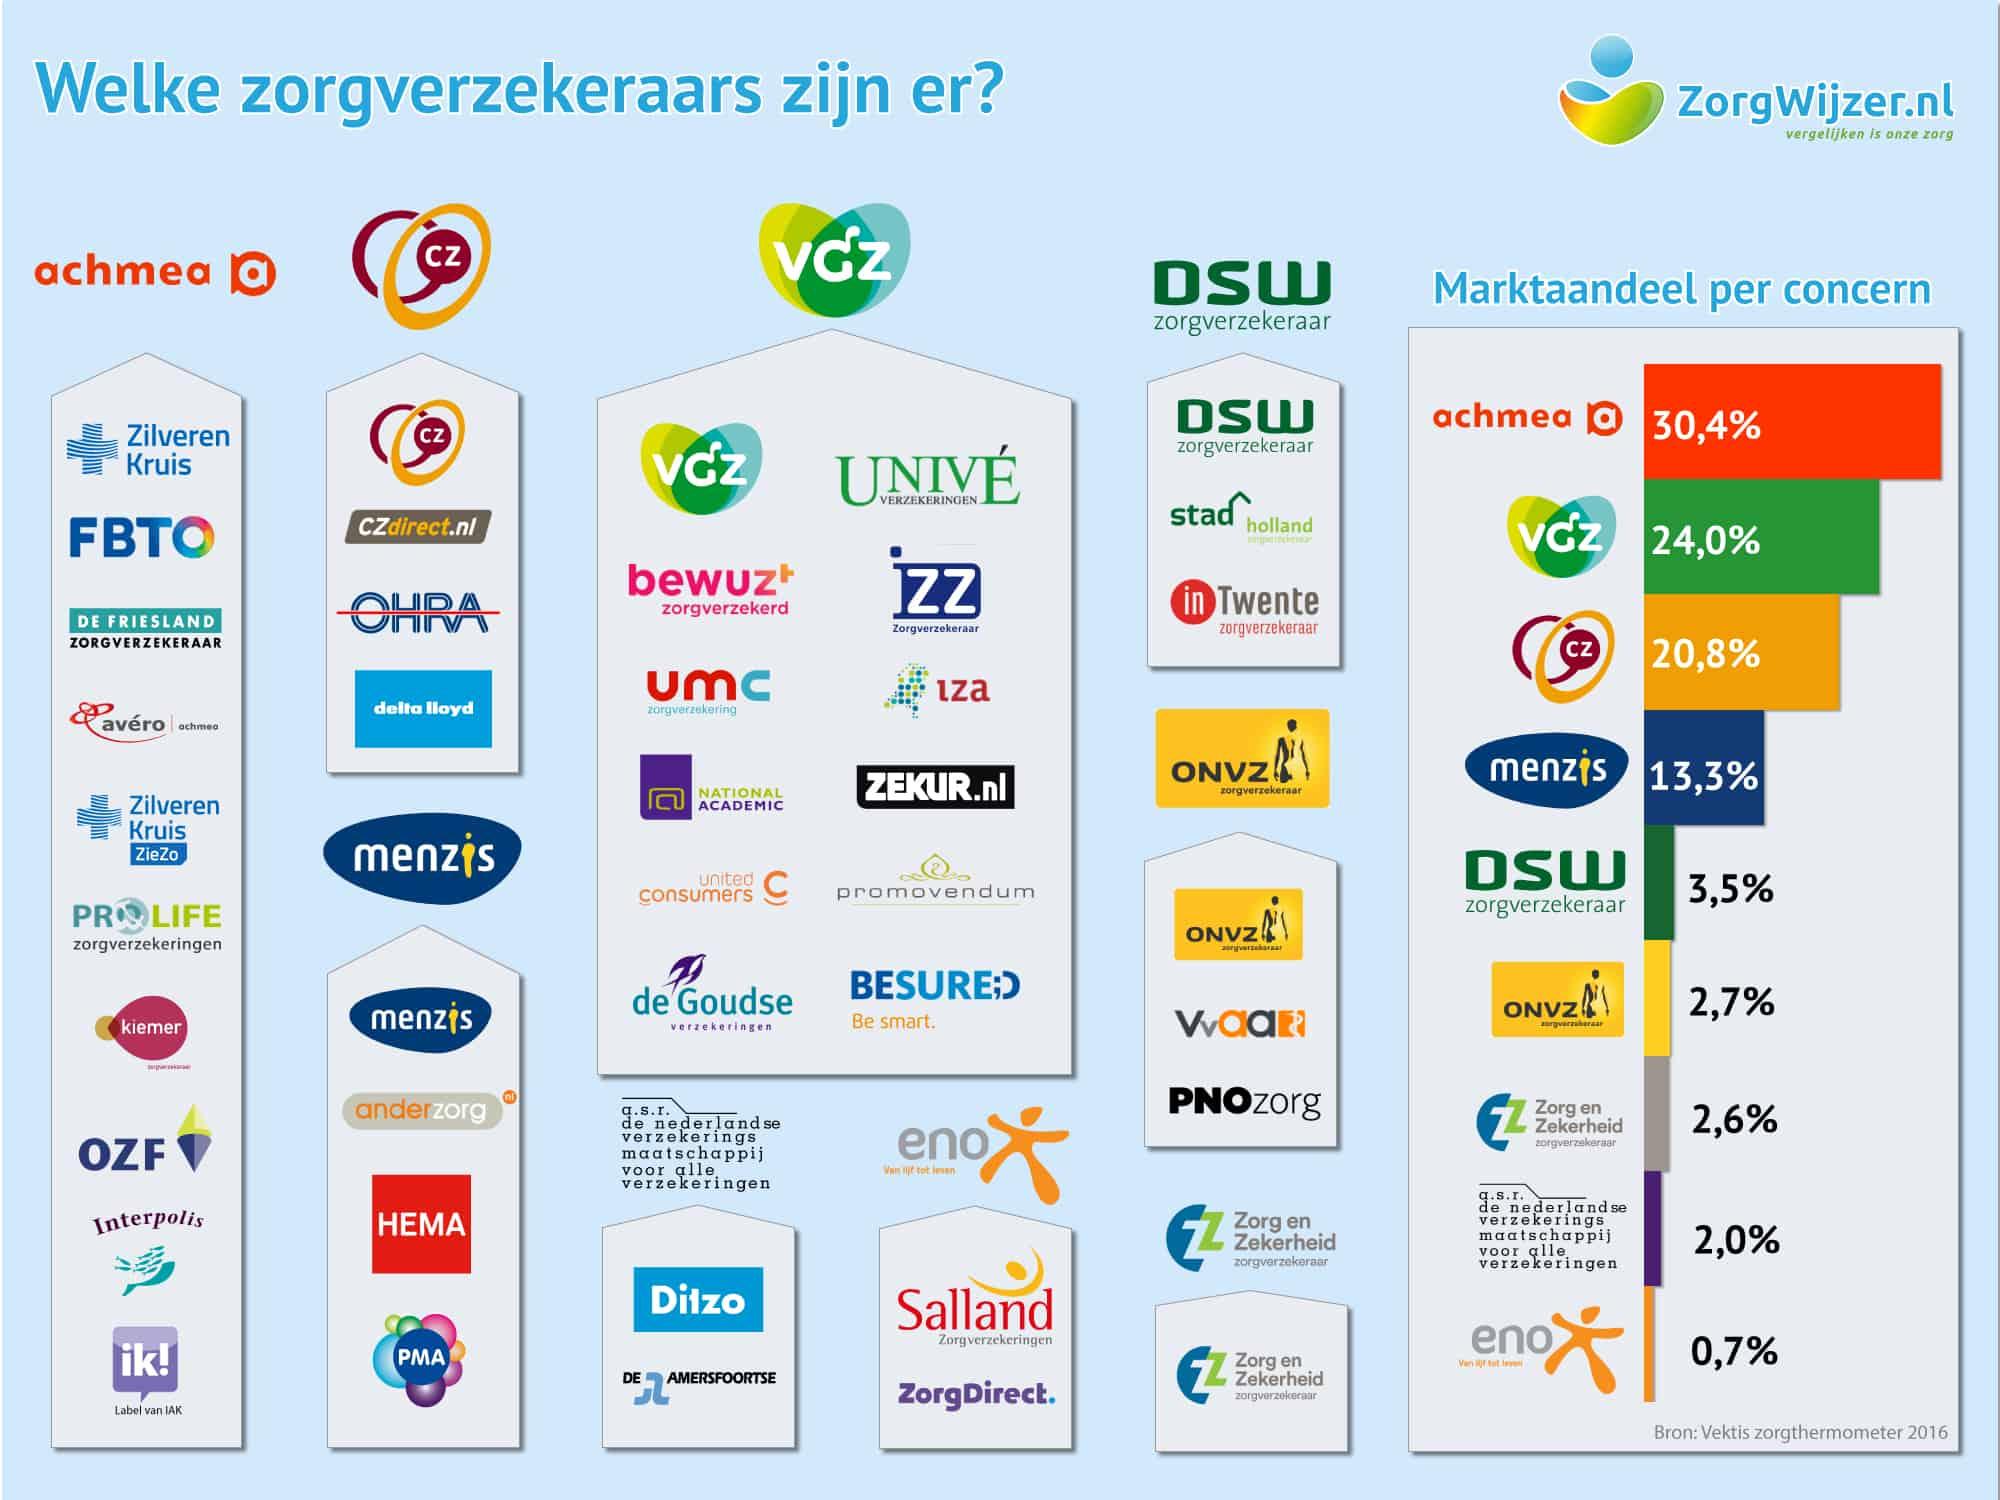 http://www.zorgwijzer.nl/wp-content/uploads/2017-infographic-alle-zorgverzekeraars.jpg